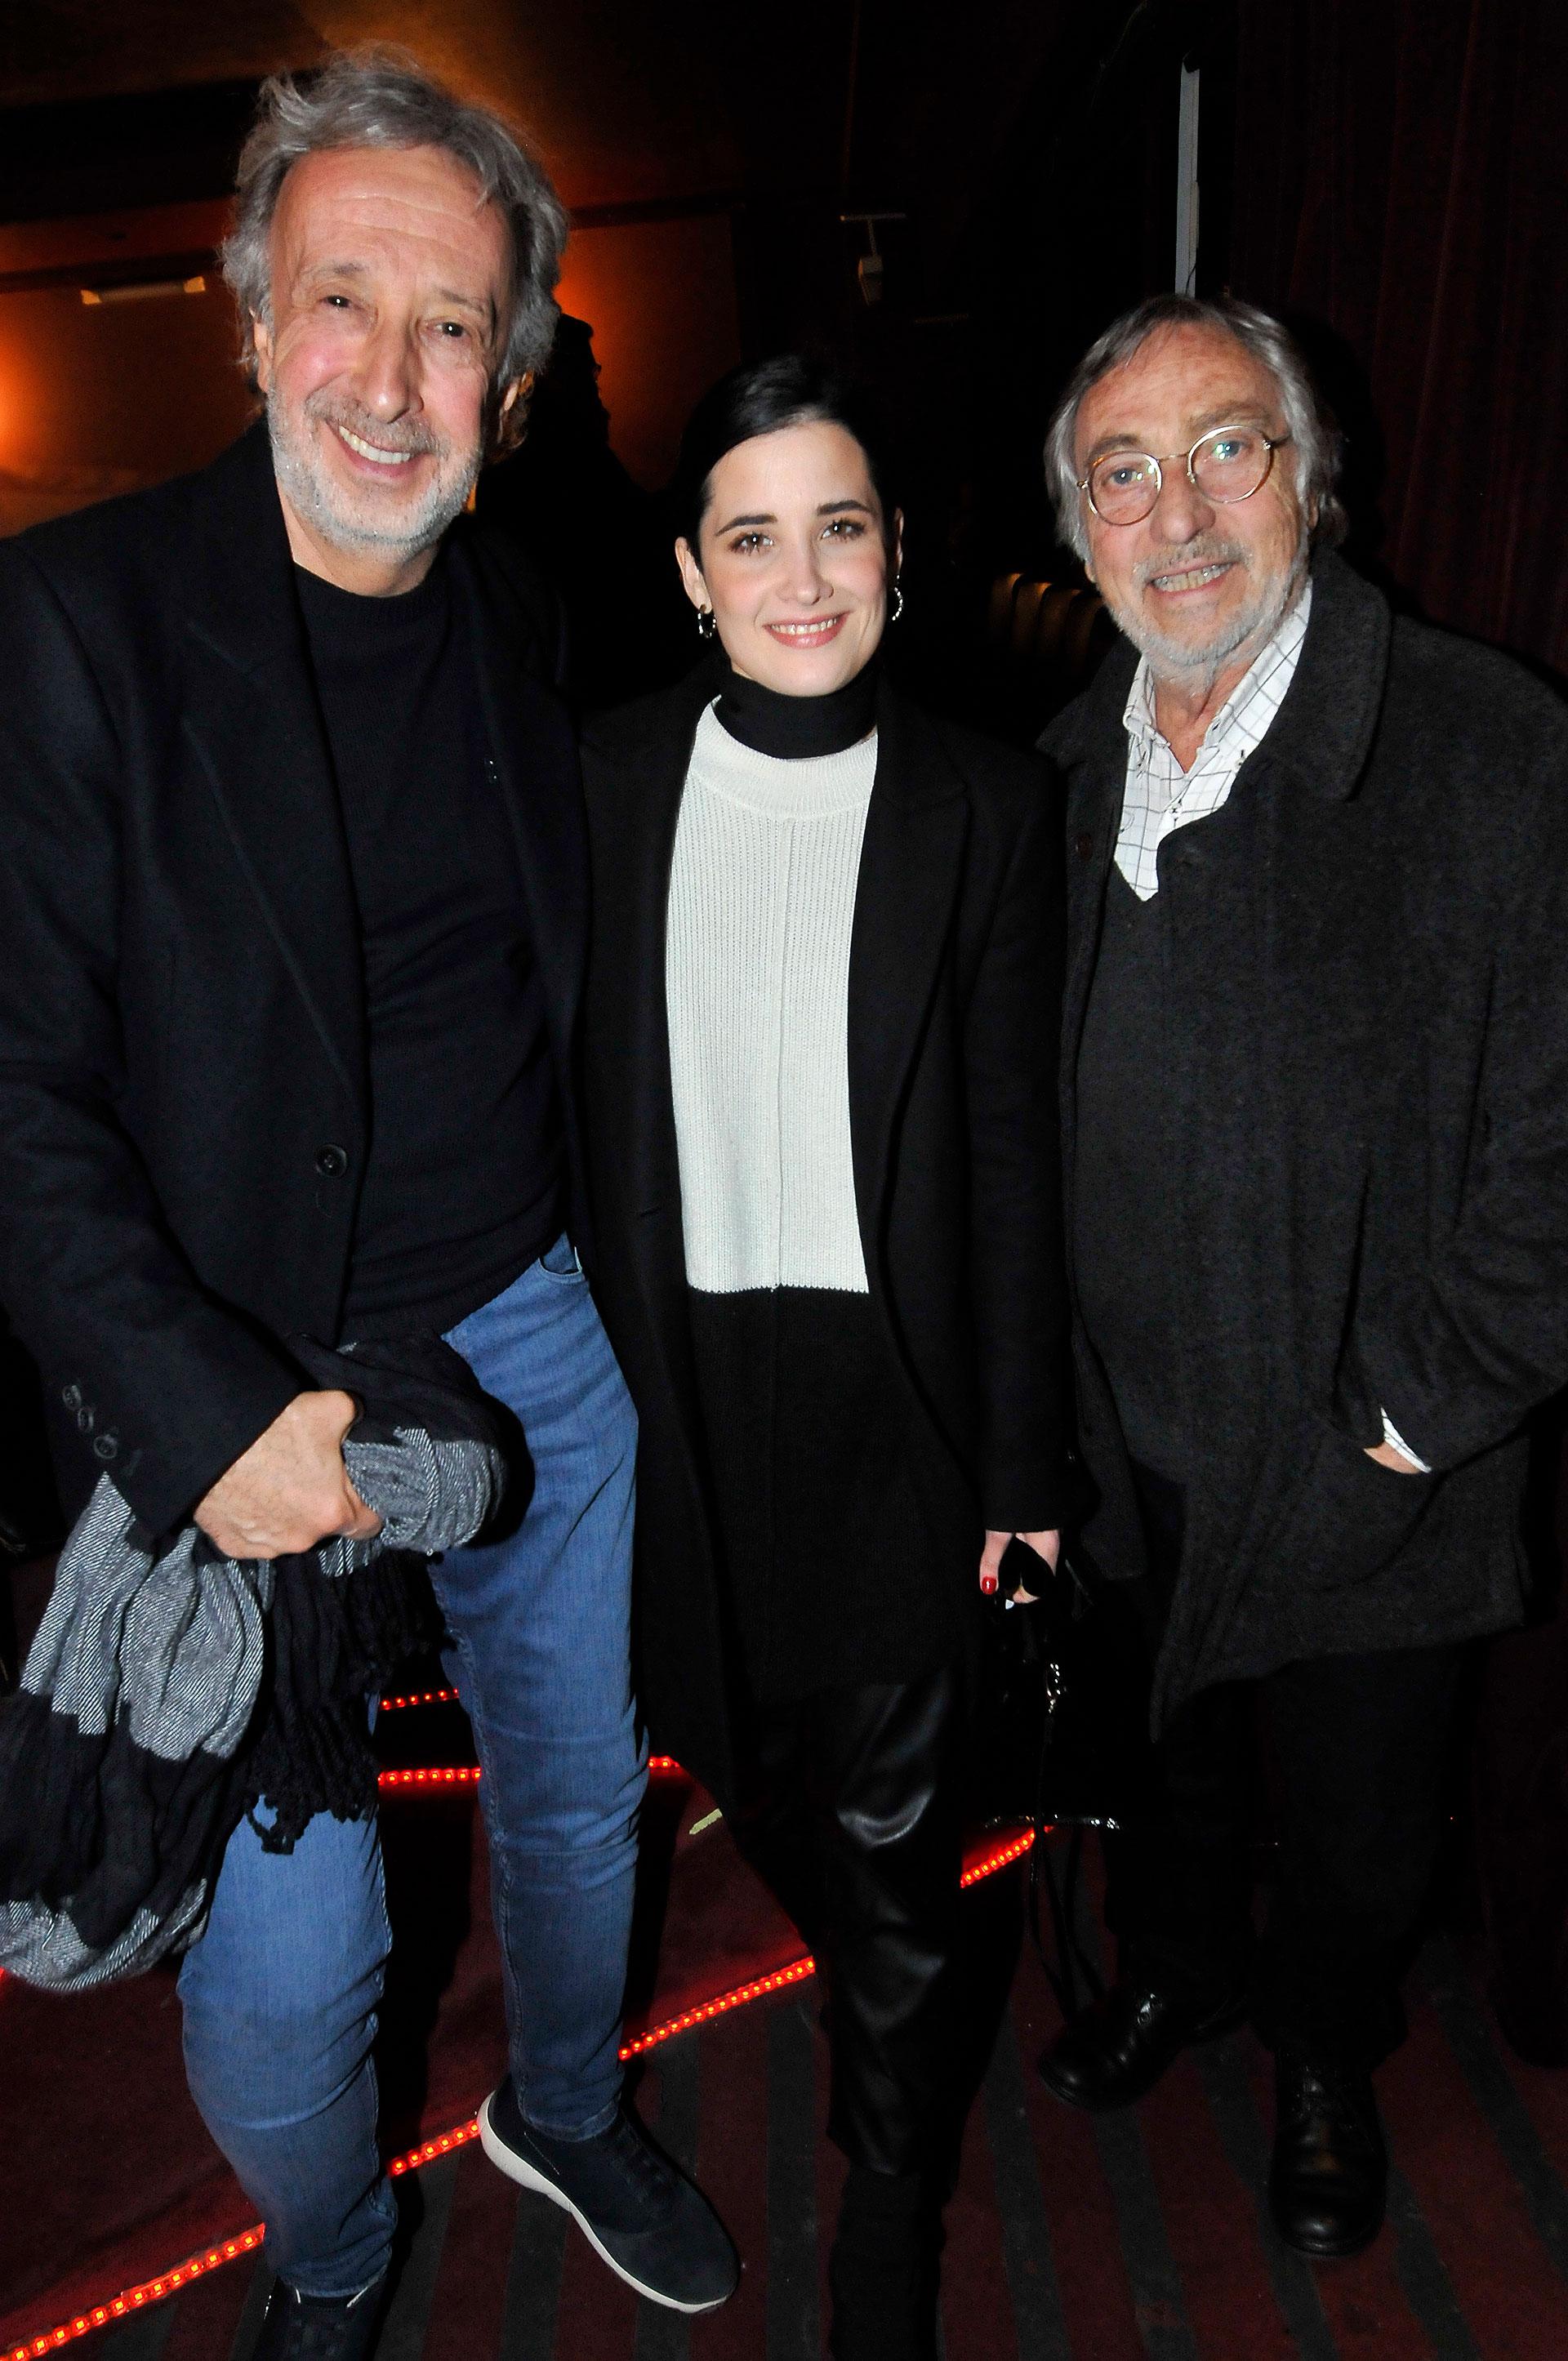 Los actores: Eduardo Blanco, Florencia Torrente y Luis Brandoni, estuvieron presentes para acompañar a la conductora